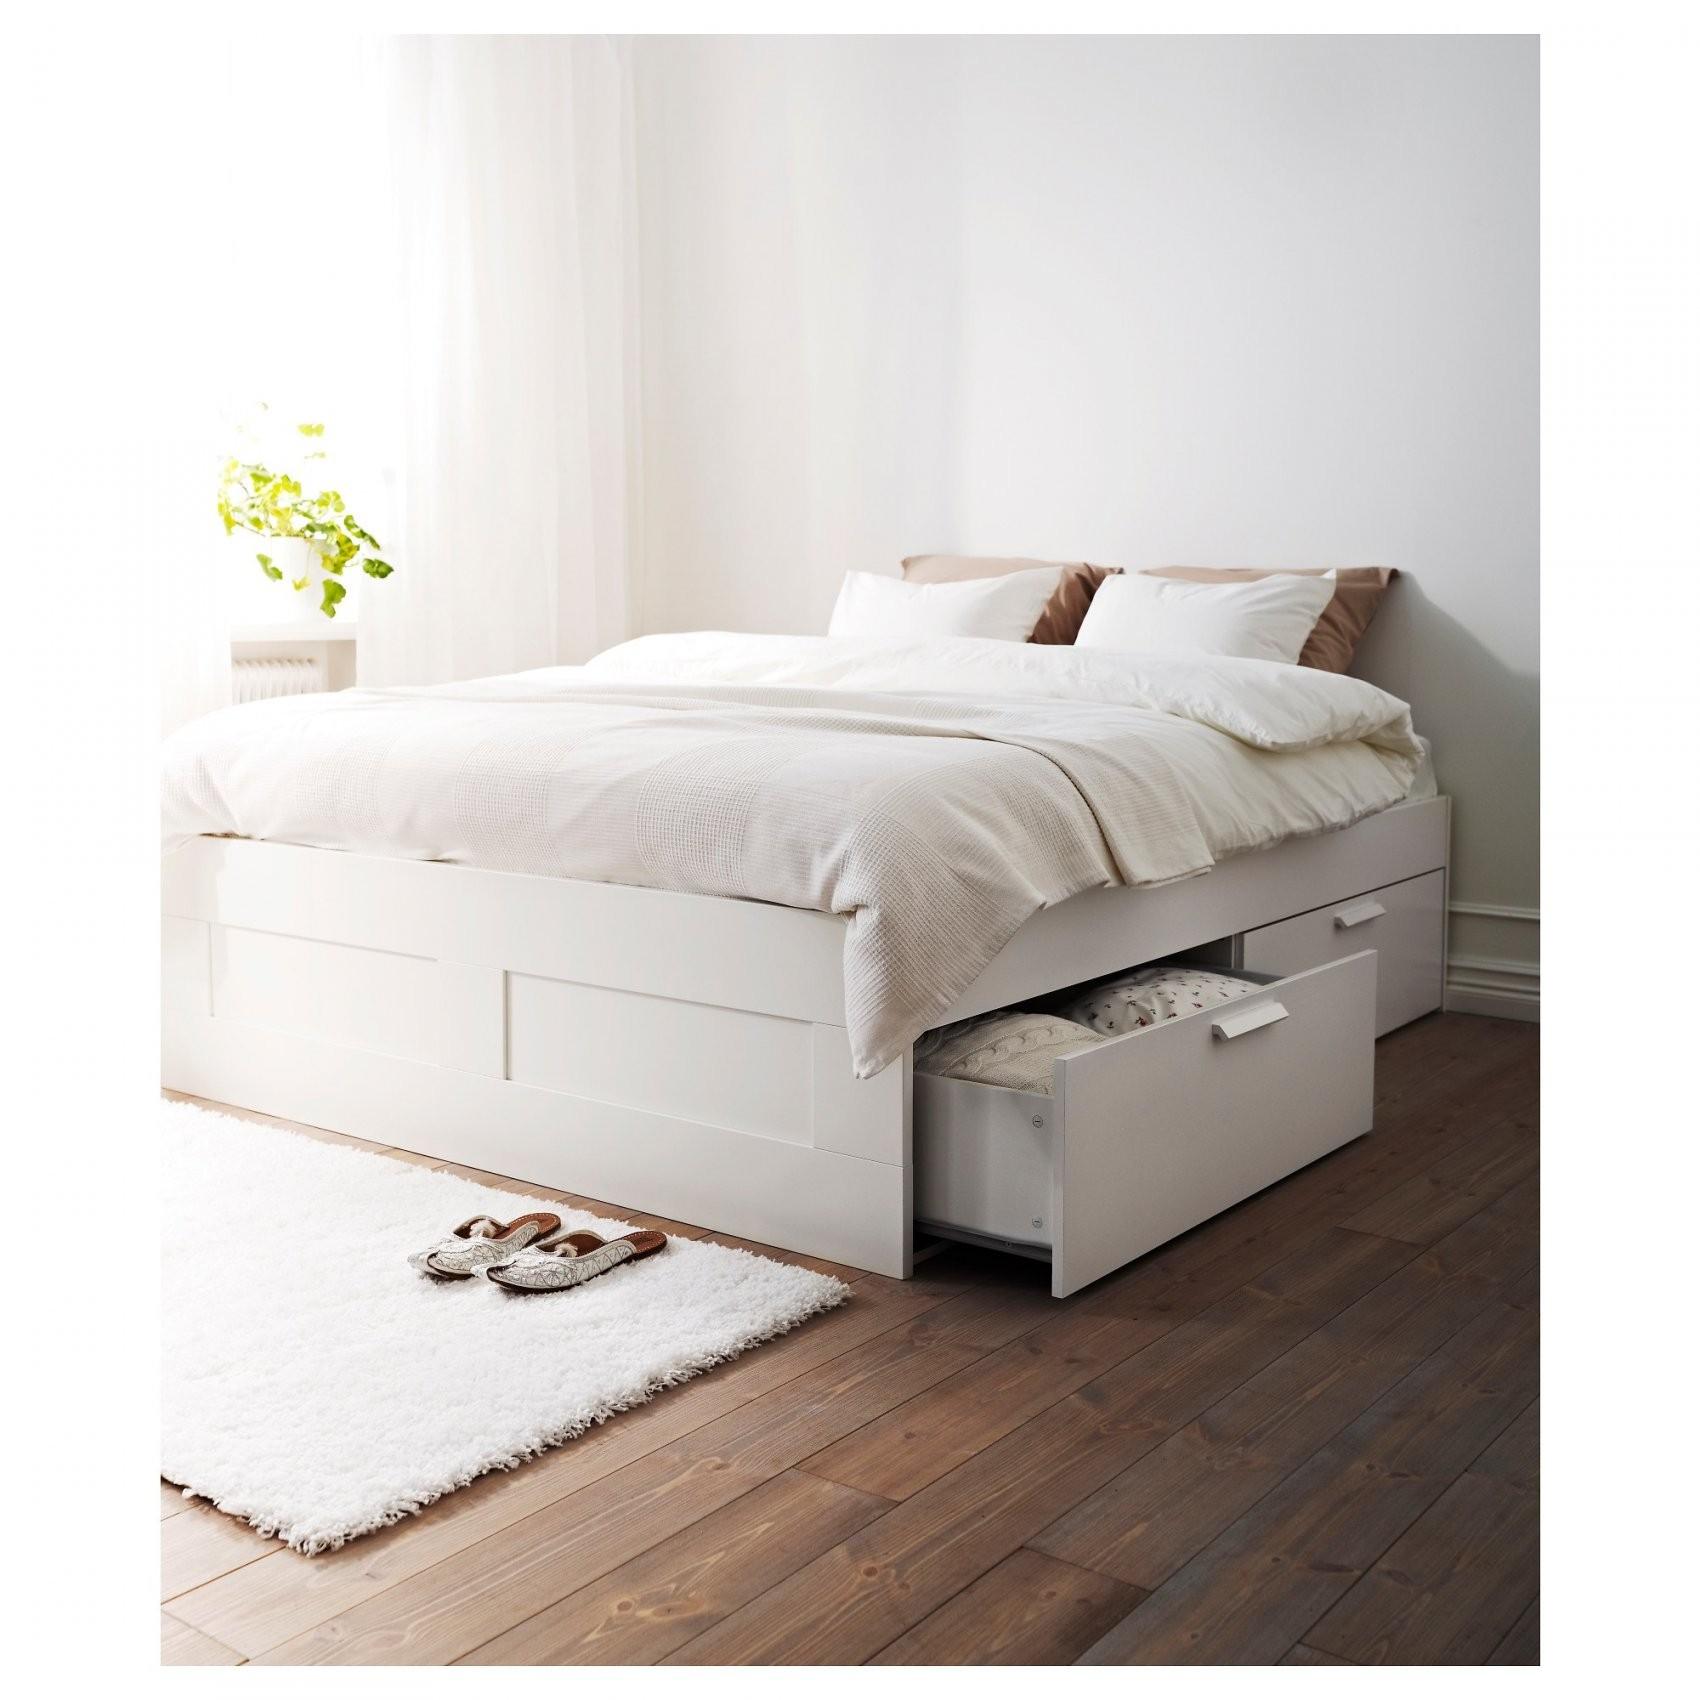 Brimnes Bedframe Met Opberglades  160X200 Cm  Wit  Ikea von Ikea Brimnes Bett 180X200 Photo